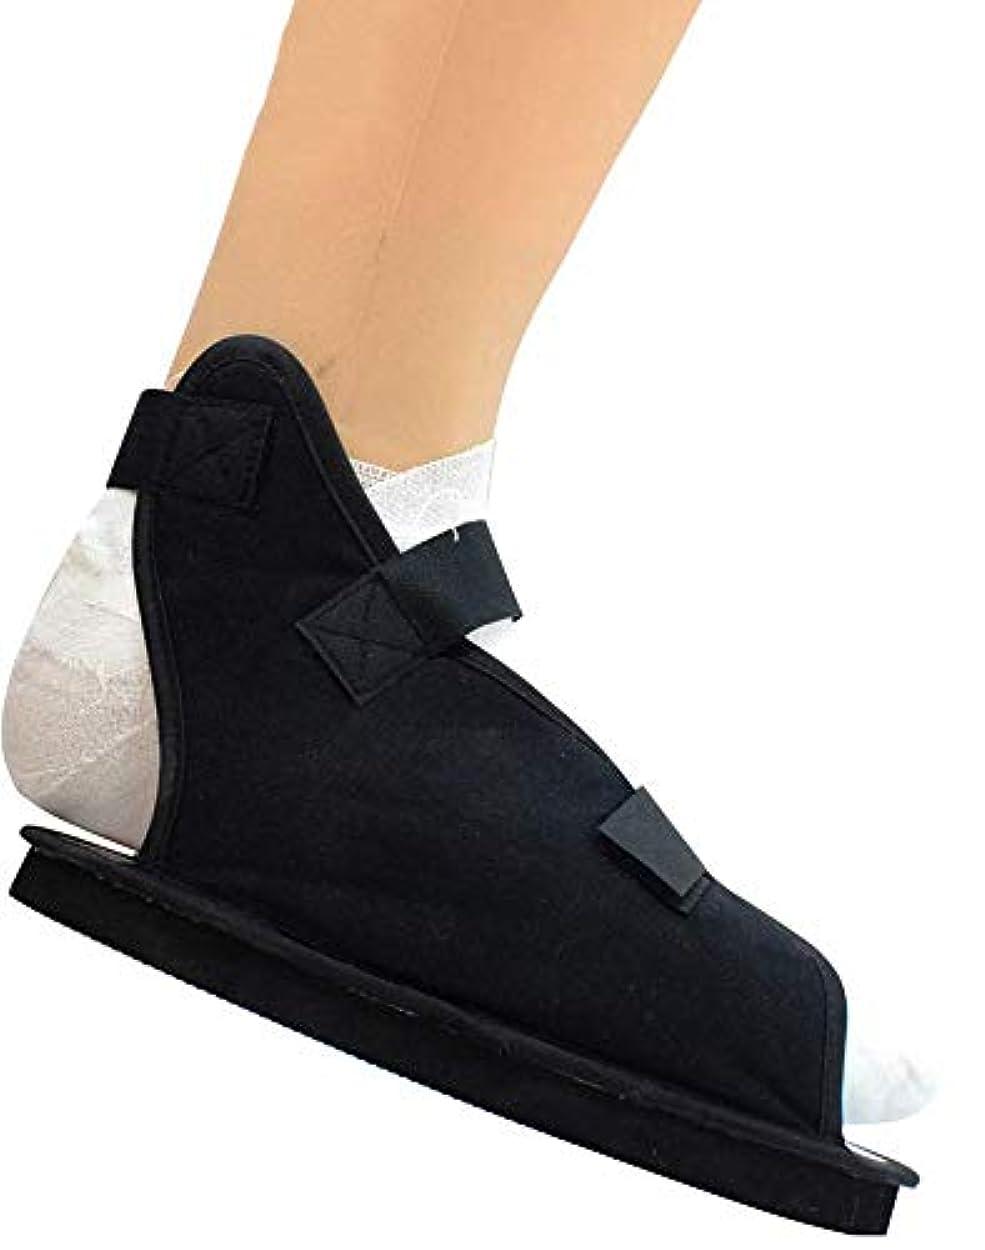 予測子スカリー違う骨折したつま先/足の骨折のための術後靴 - 男性と女性のための医療/外科用ウォーキングシューズキャストブーツ - /調整可能ストラップ付き整形外科サンダル,XL